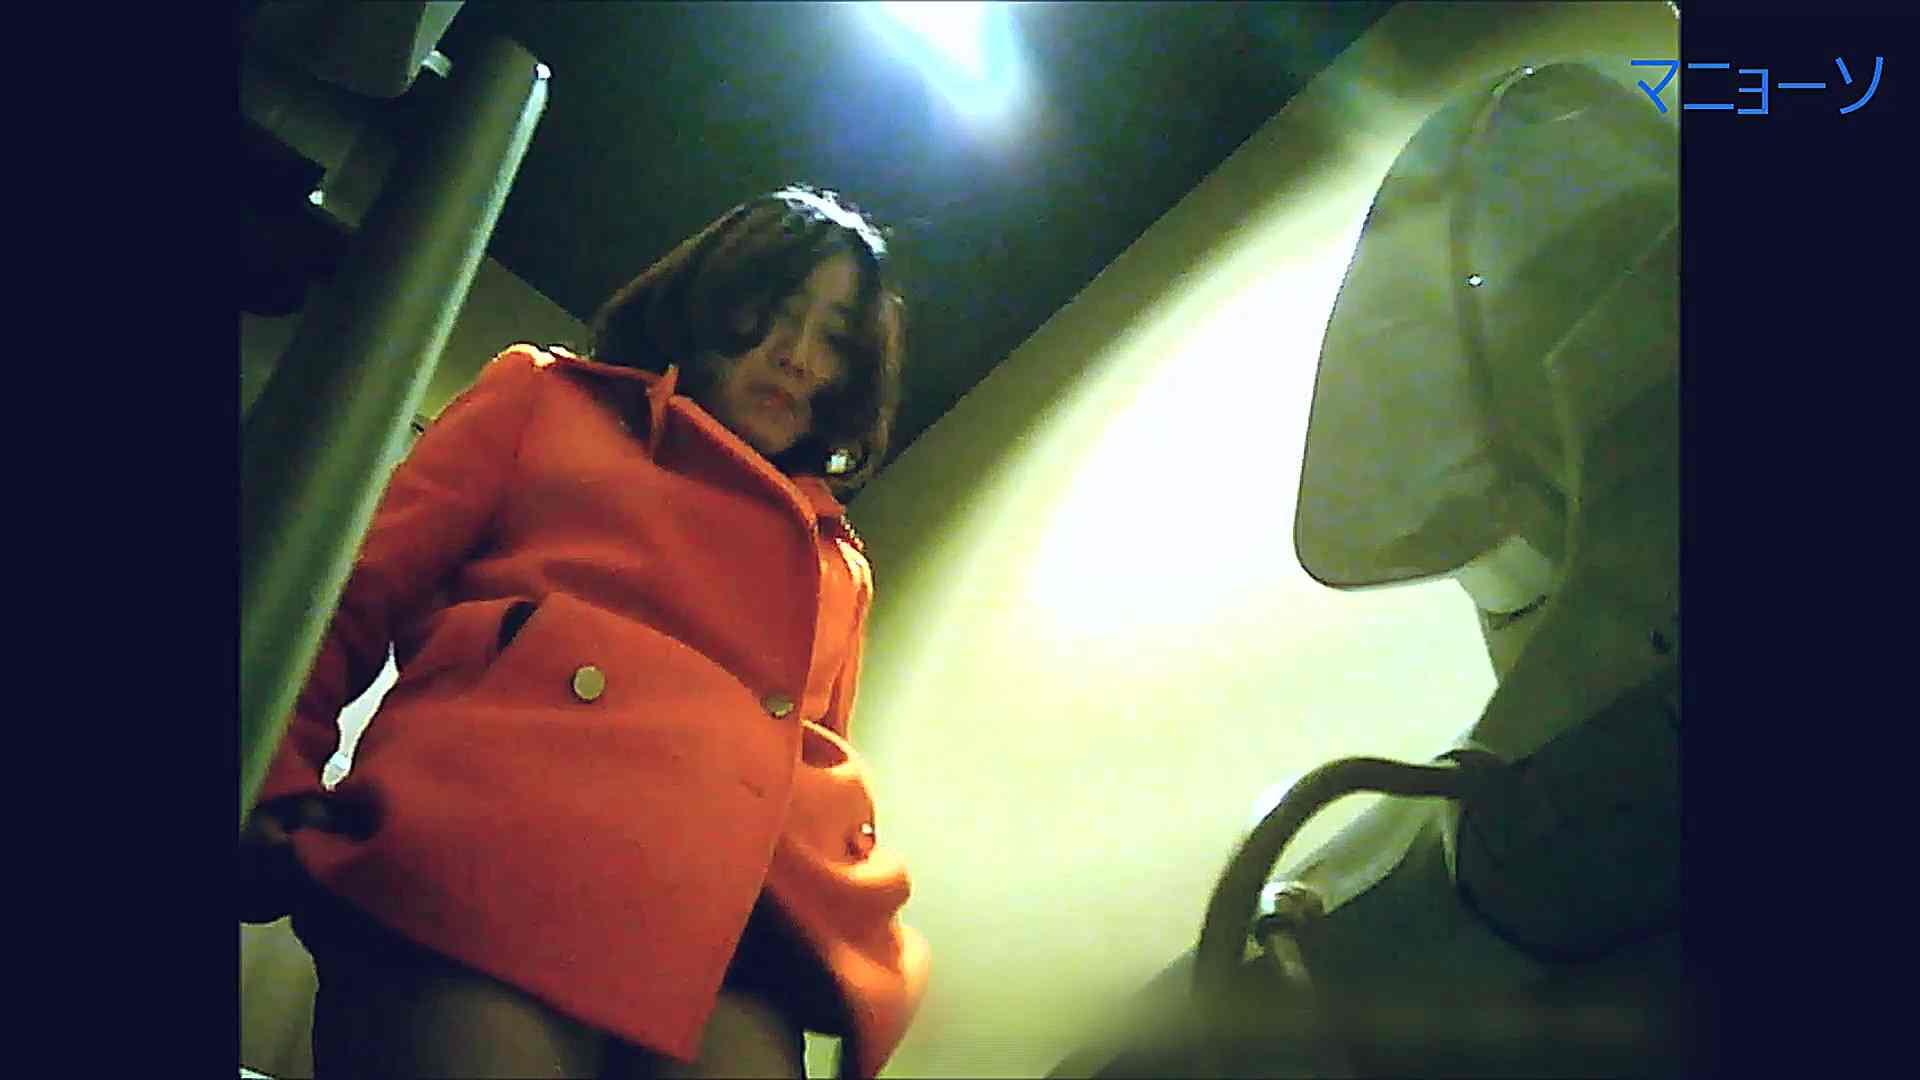 トイレでひと肌脱いでもらいました (番外編)Vol.03 洗面所のぞき オマンコ無修正動画無料 108枚 19